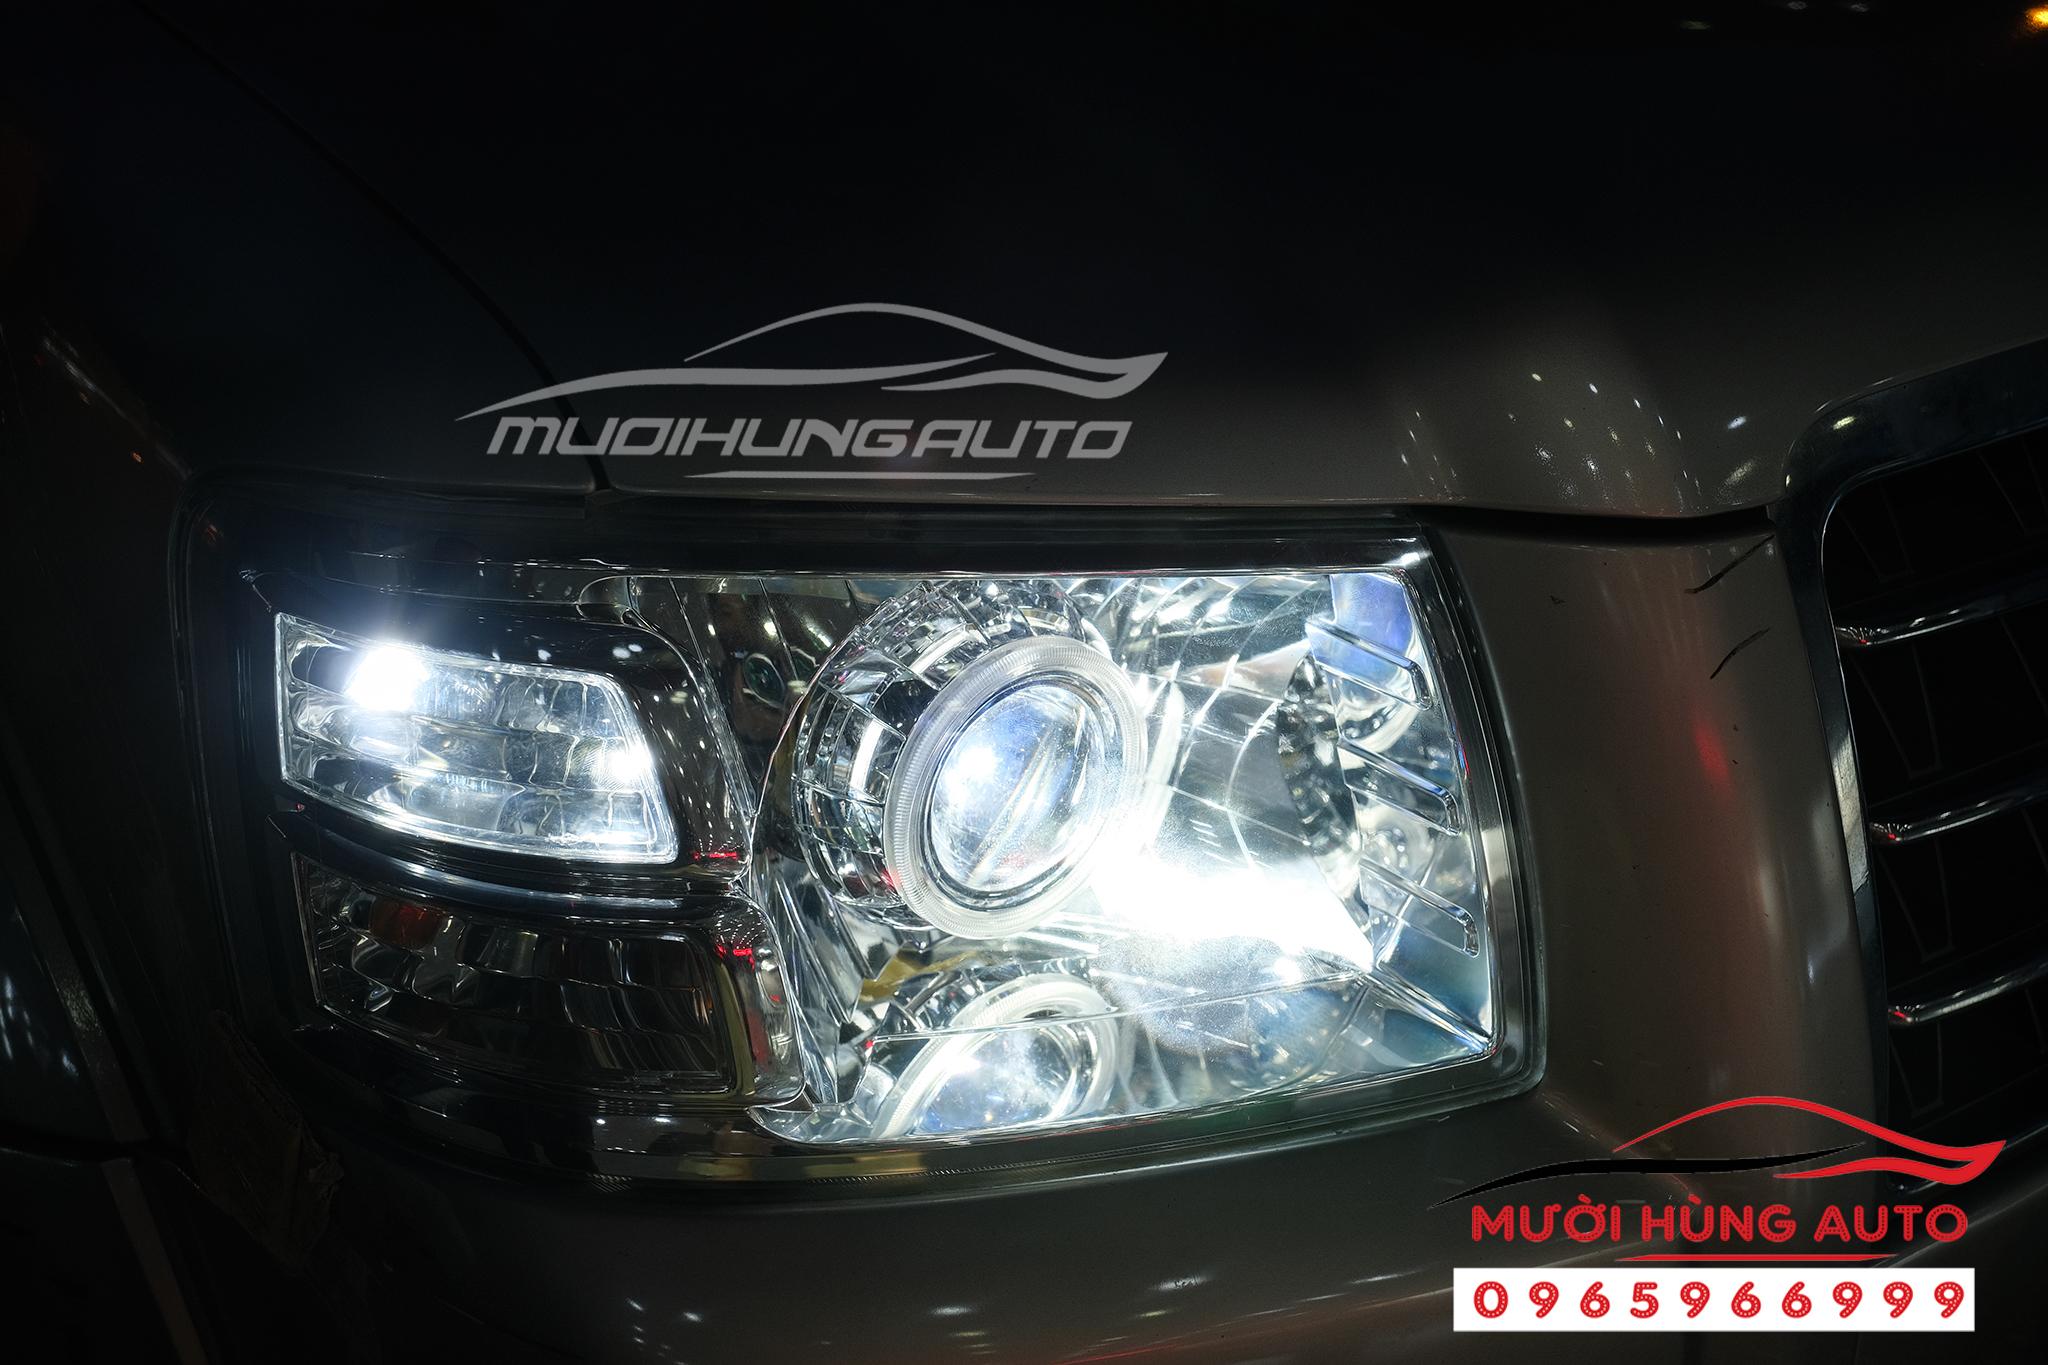 độ đèn xe Ford Evrest 2008 loại bóng bi xenon siêu sáng